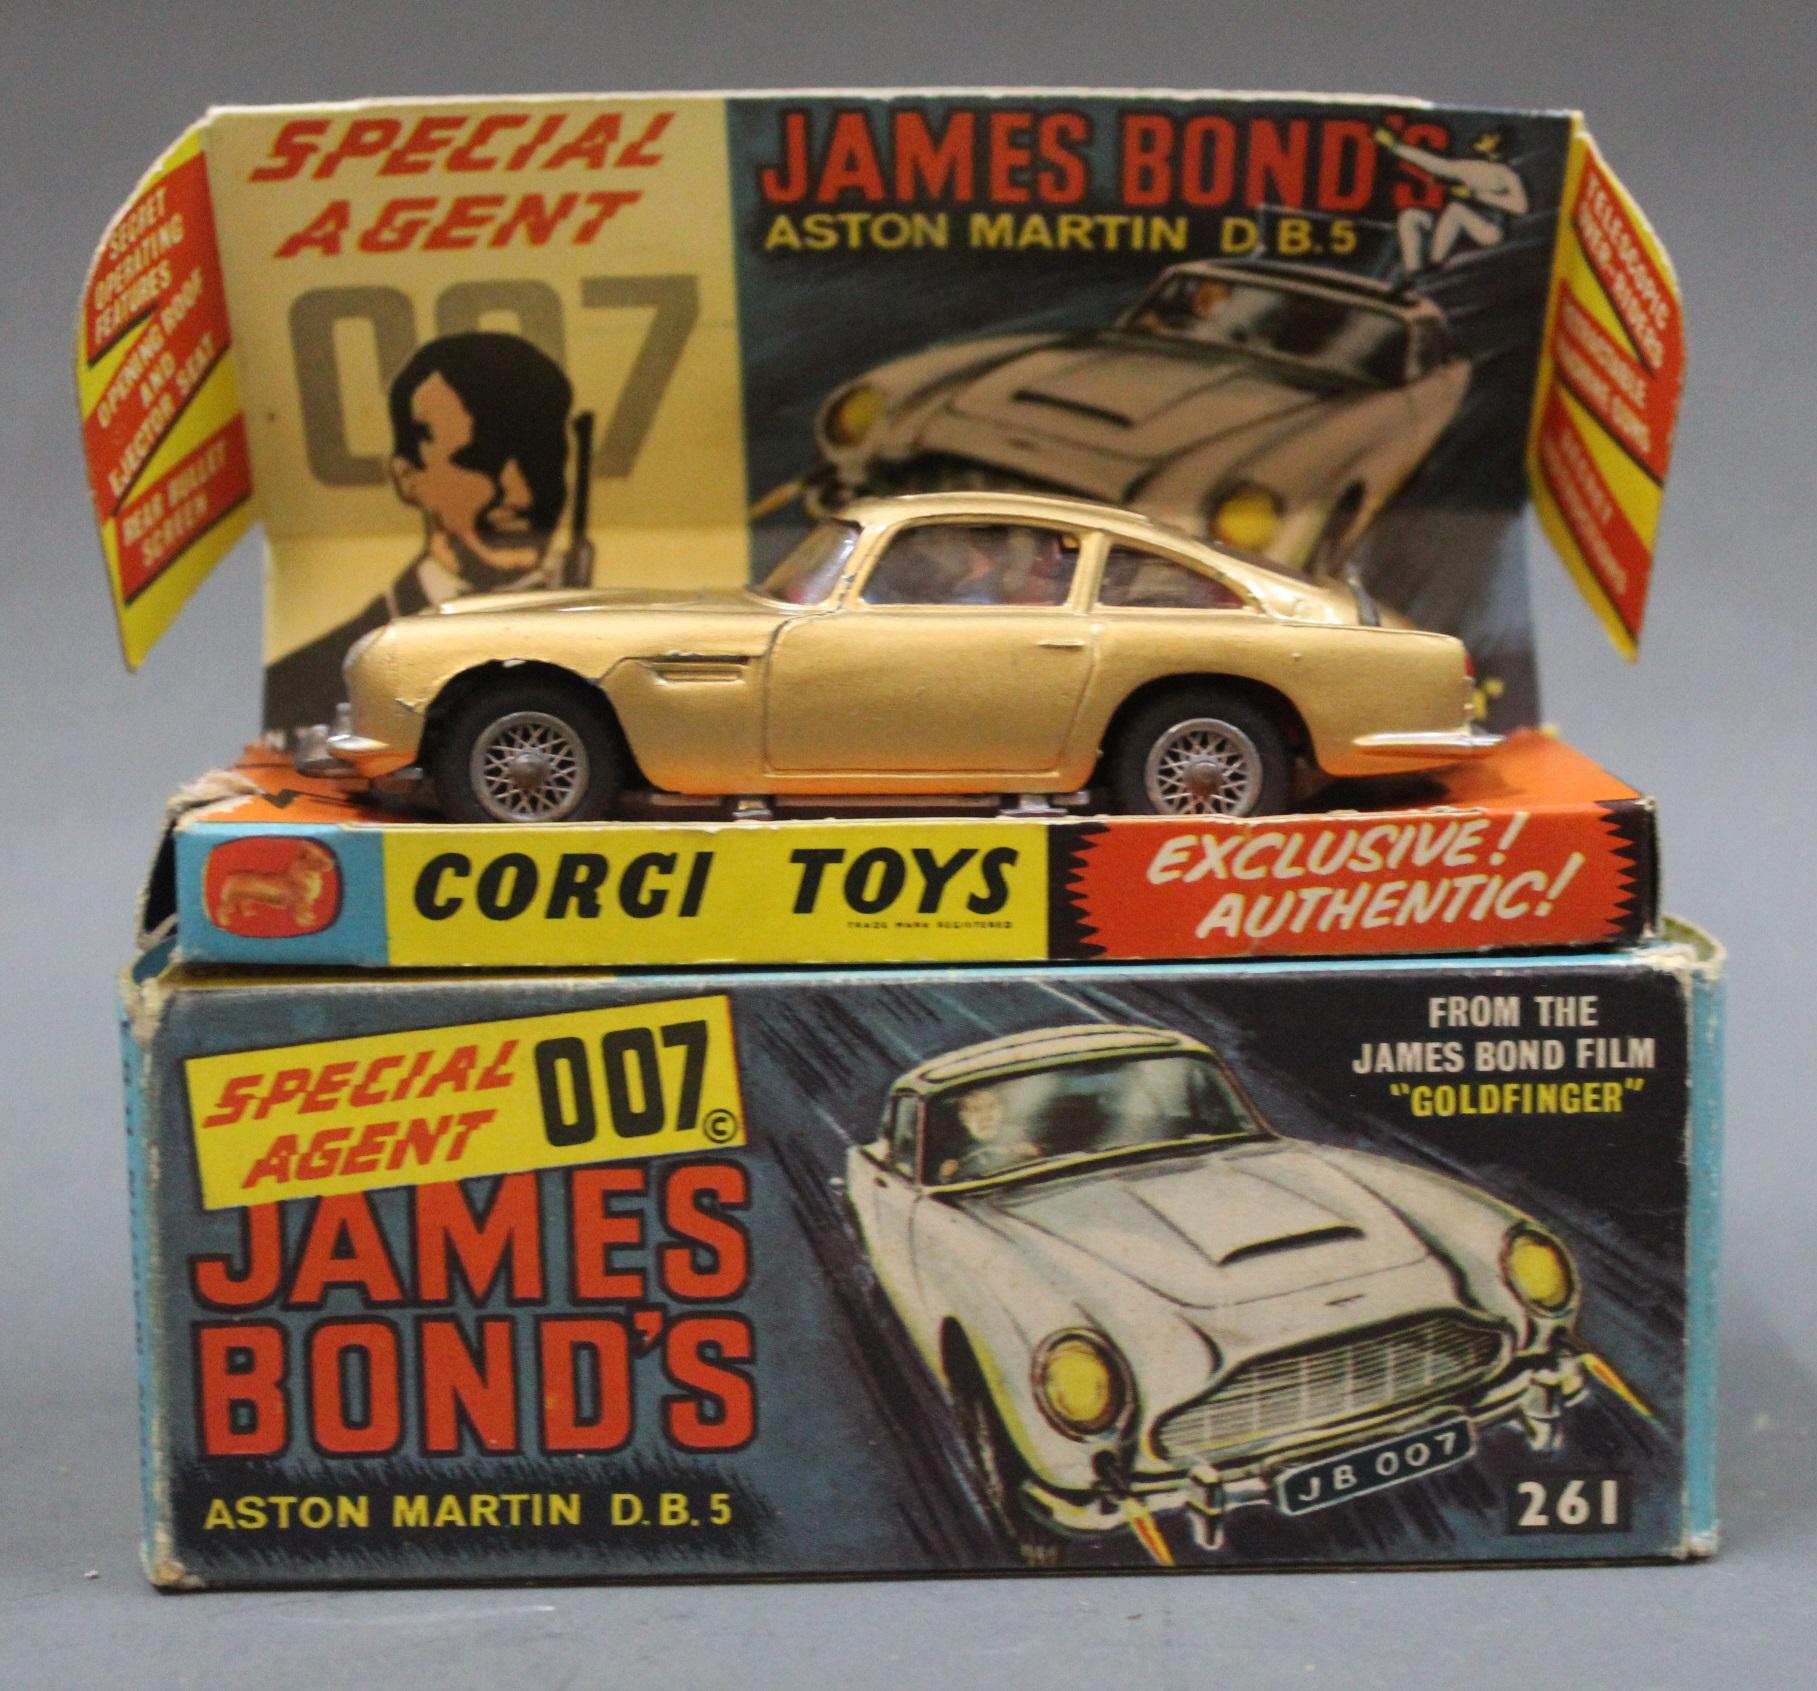 A Corgi James Bond's Special Agent 007 Aston Martin DB5